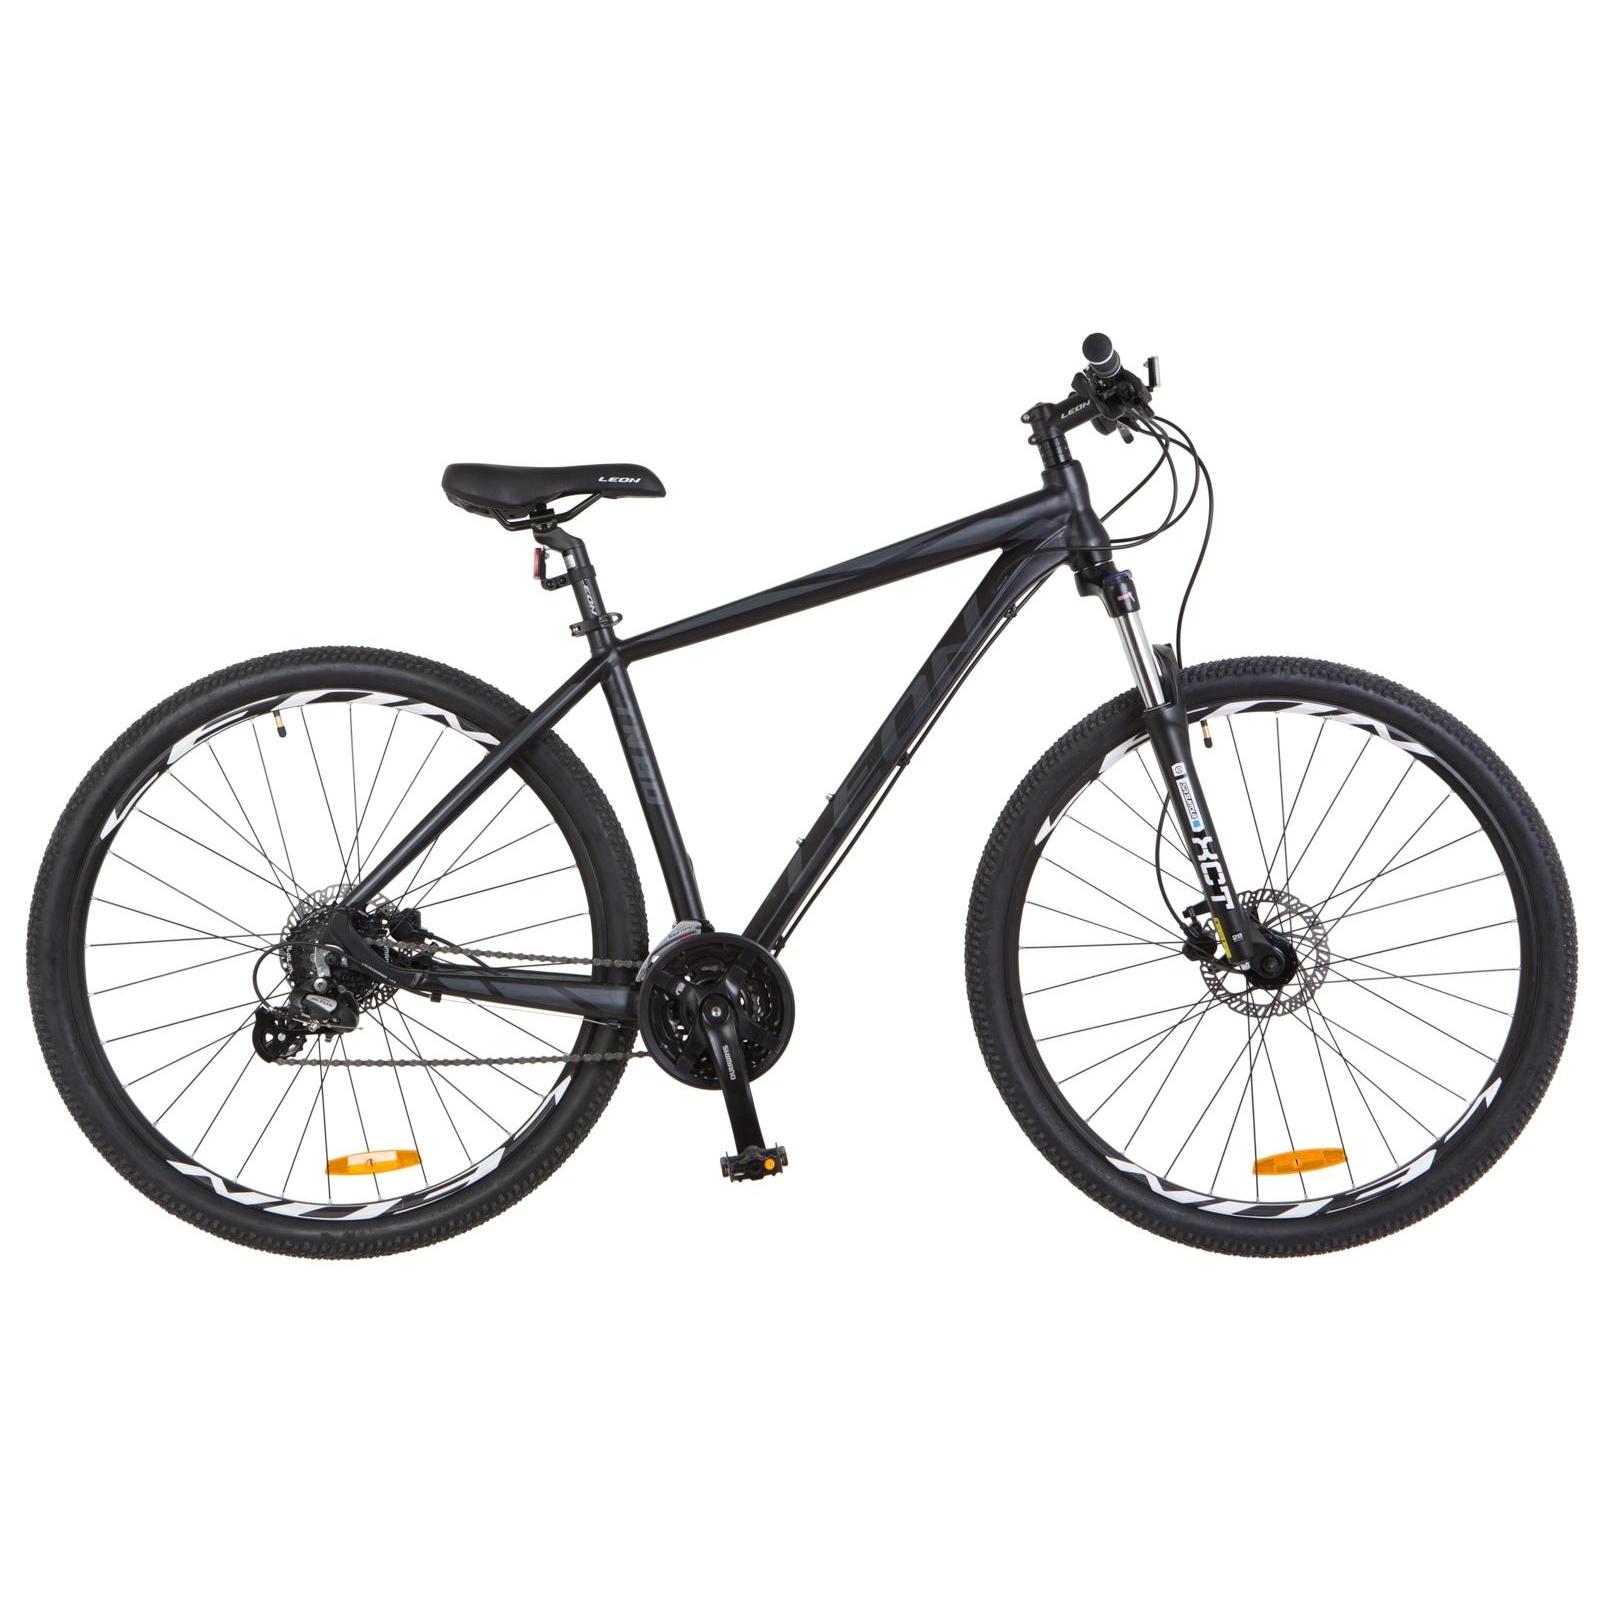 """Велосипед Leon 29"""" TN-80 2018 AM Hydraulic lock out 14G HDD рама-19"""" Al (OPS-LN-29-030)"""